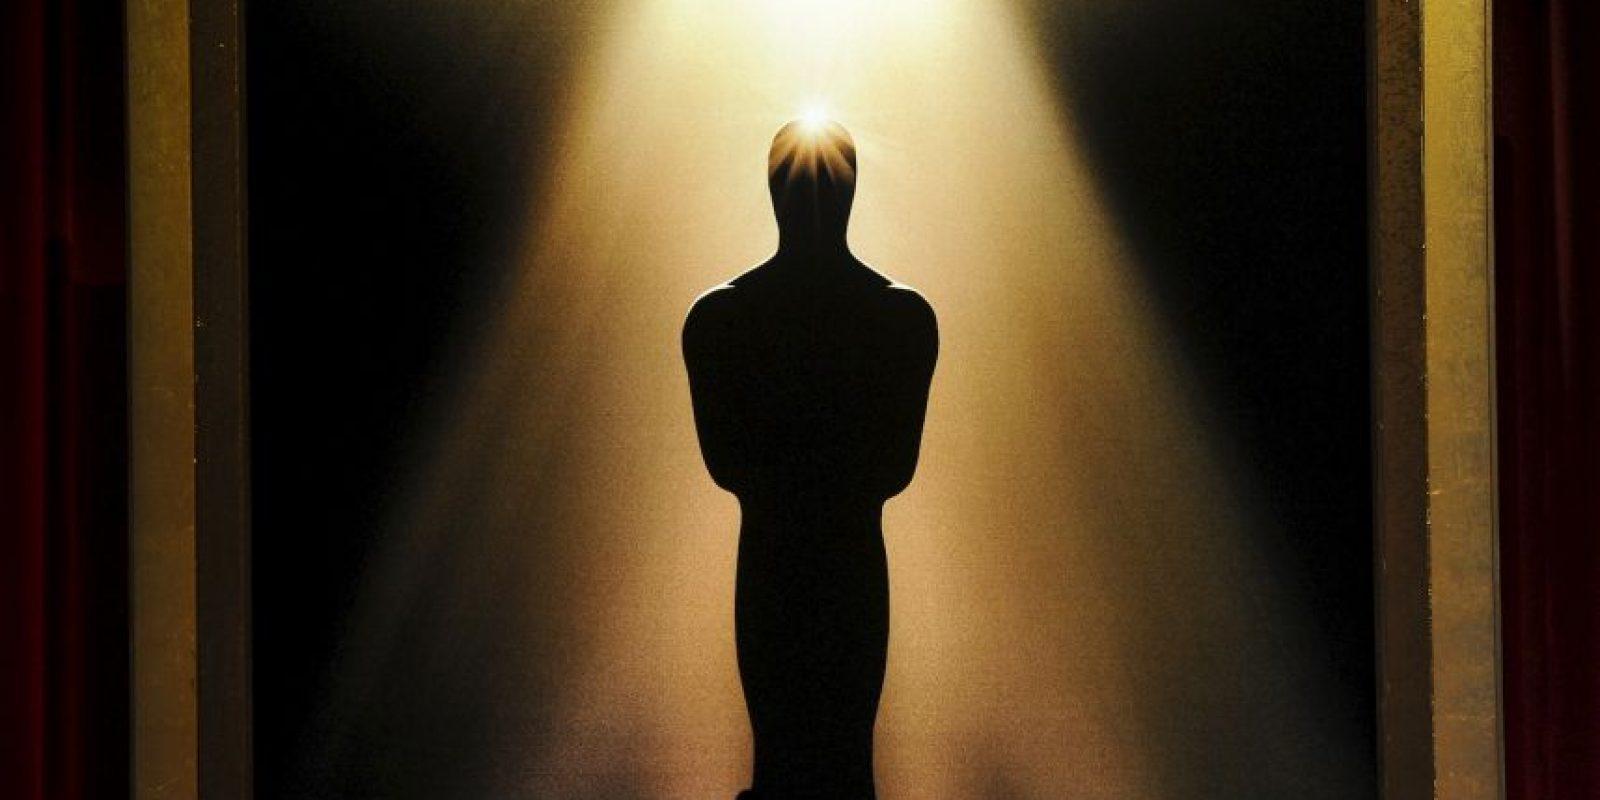 """""""Los ganadores y nominados se hacen más deseables a las mujeres. Y ellos son más propensos a aprovechar la oportunidad"""", mencionó Jensen. Foto:Getty Images"""